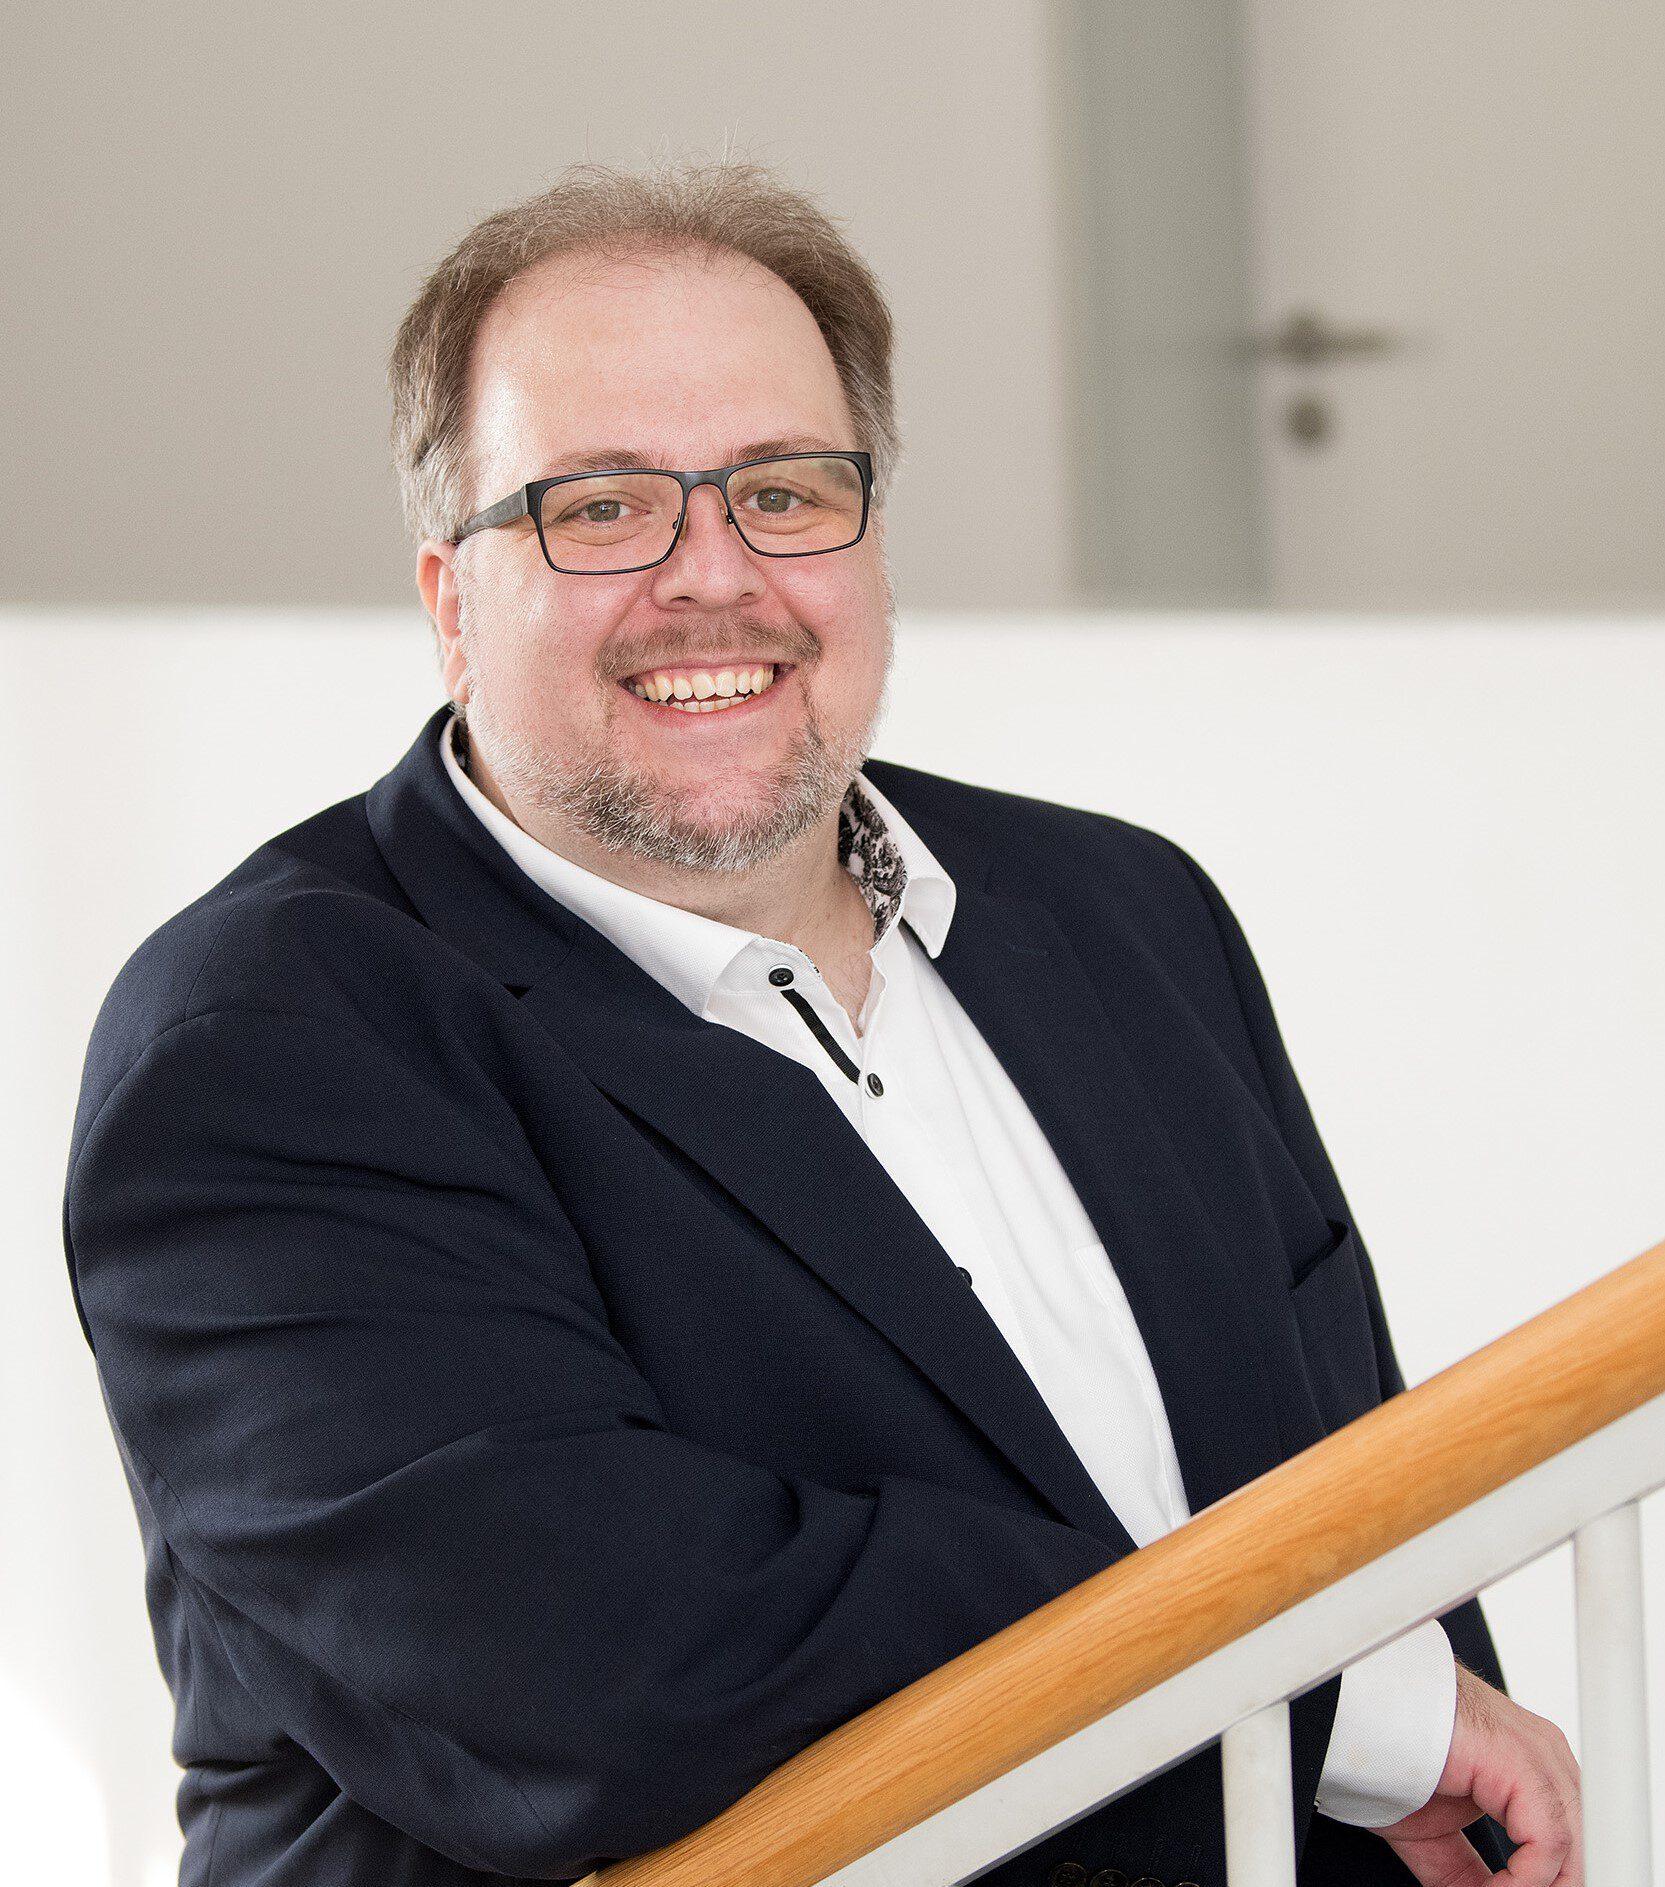 Dr.-Ing. Markus Buschhoff